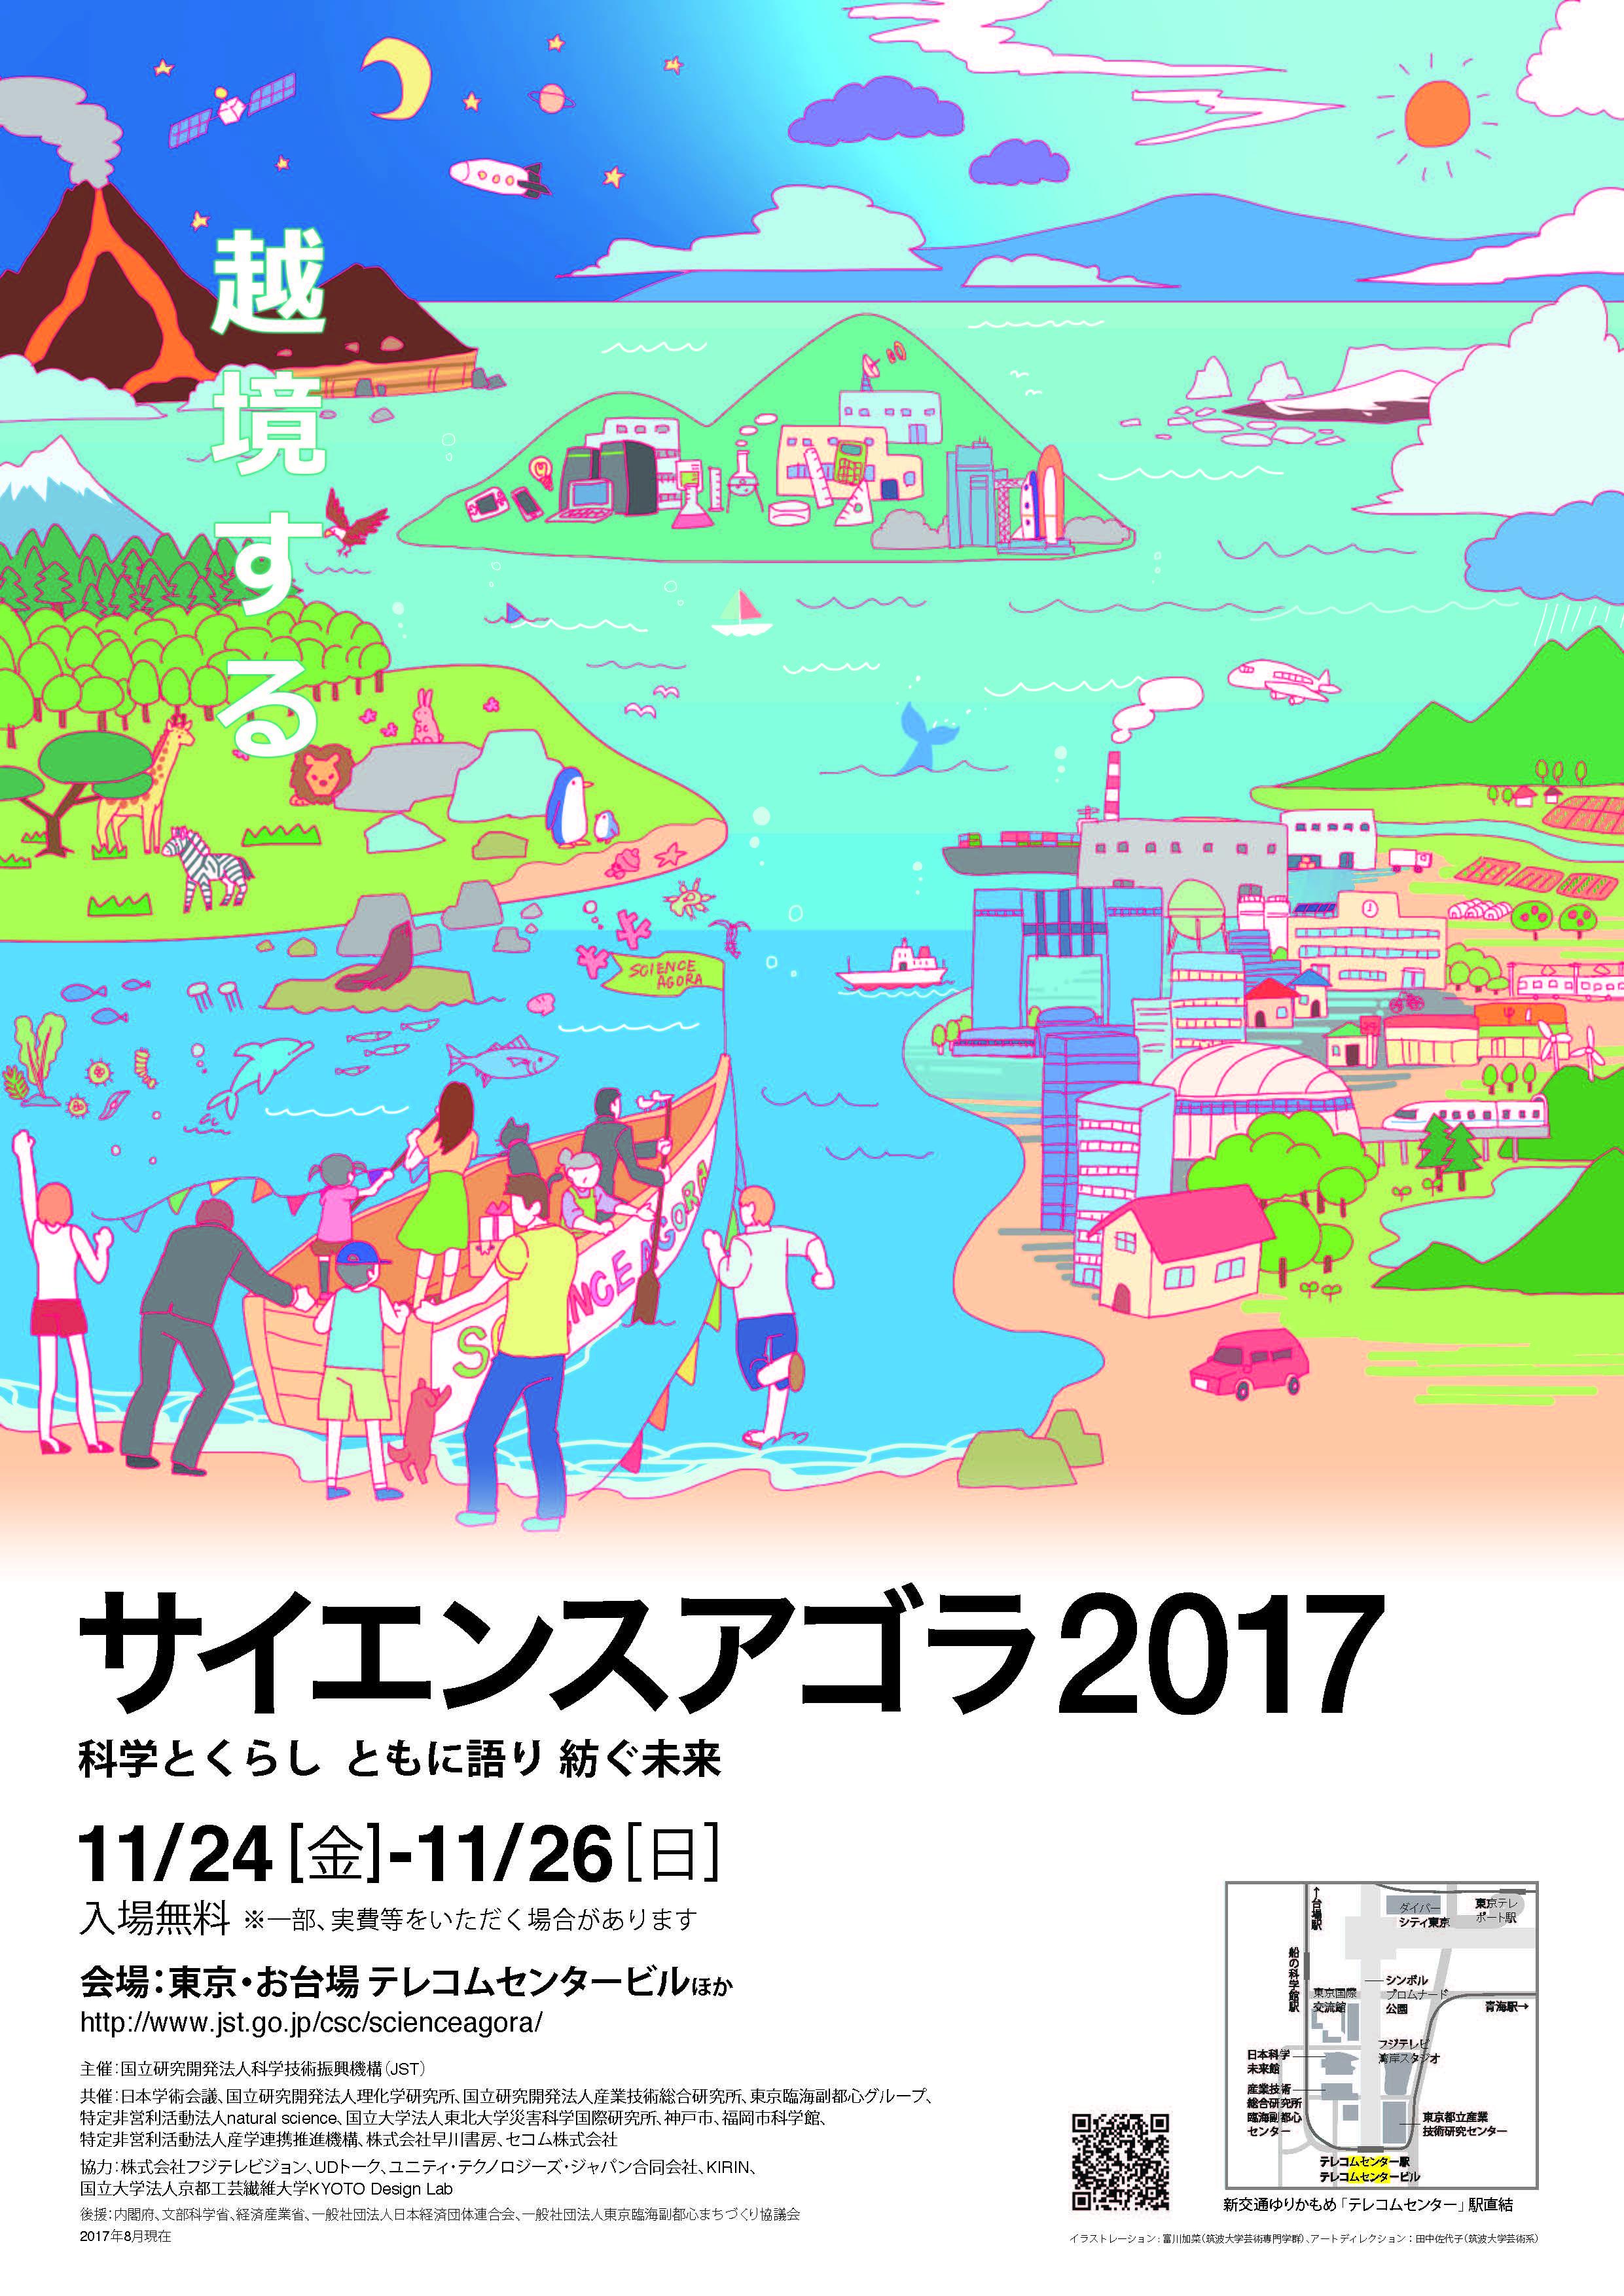 イベント】 サイエンスアゴラ201...